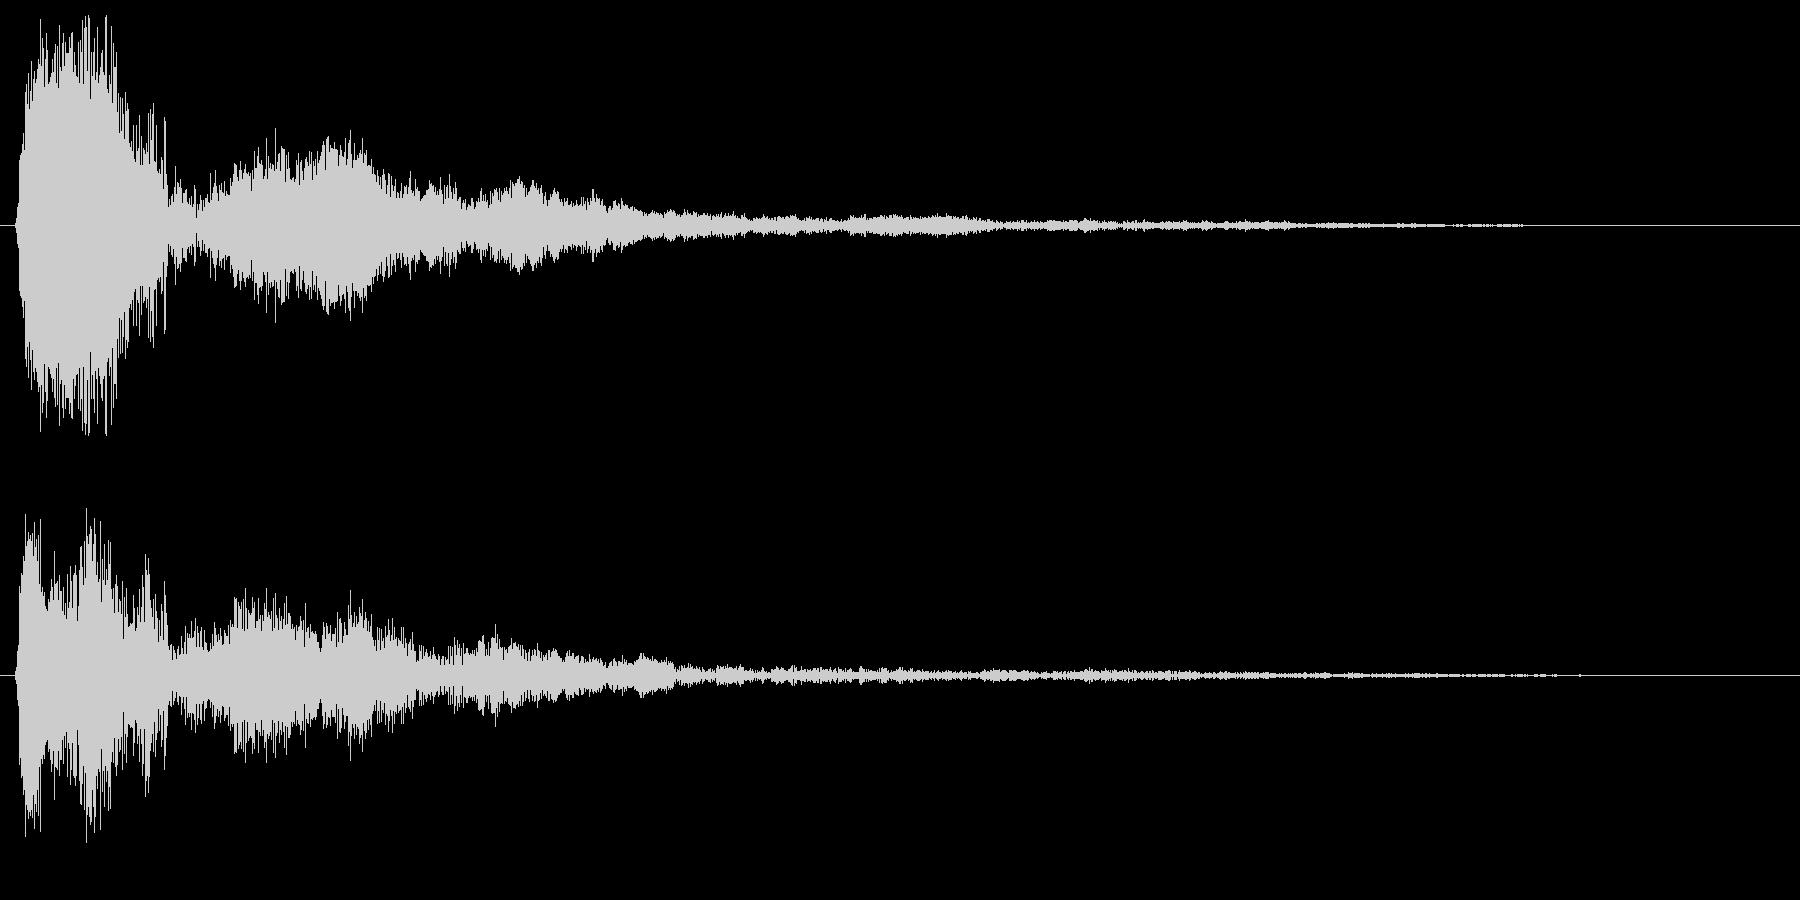 カンッ (甲高い警告音)の未再生の波形